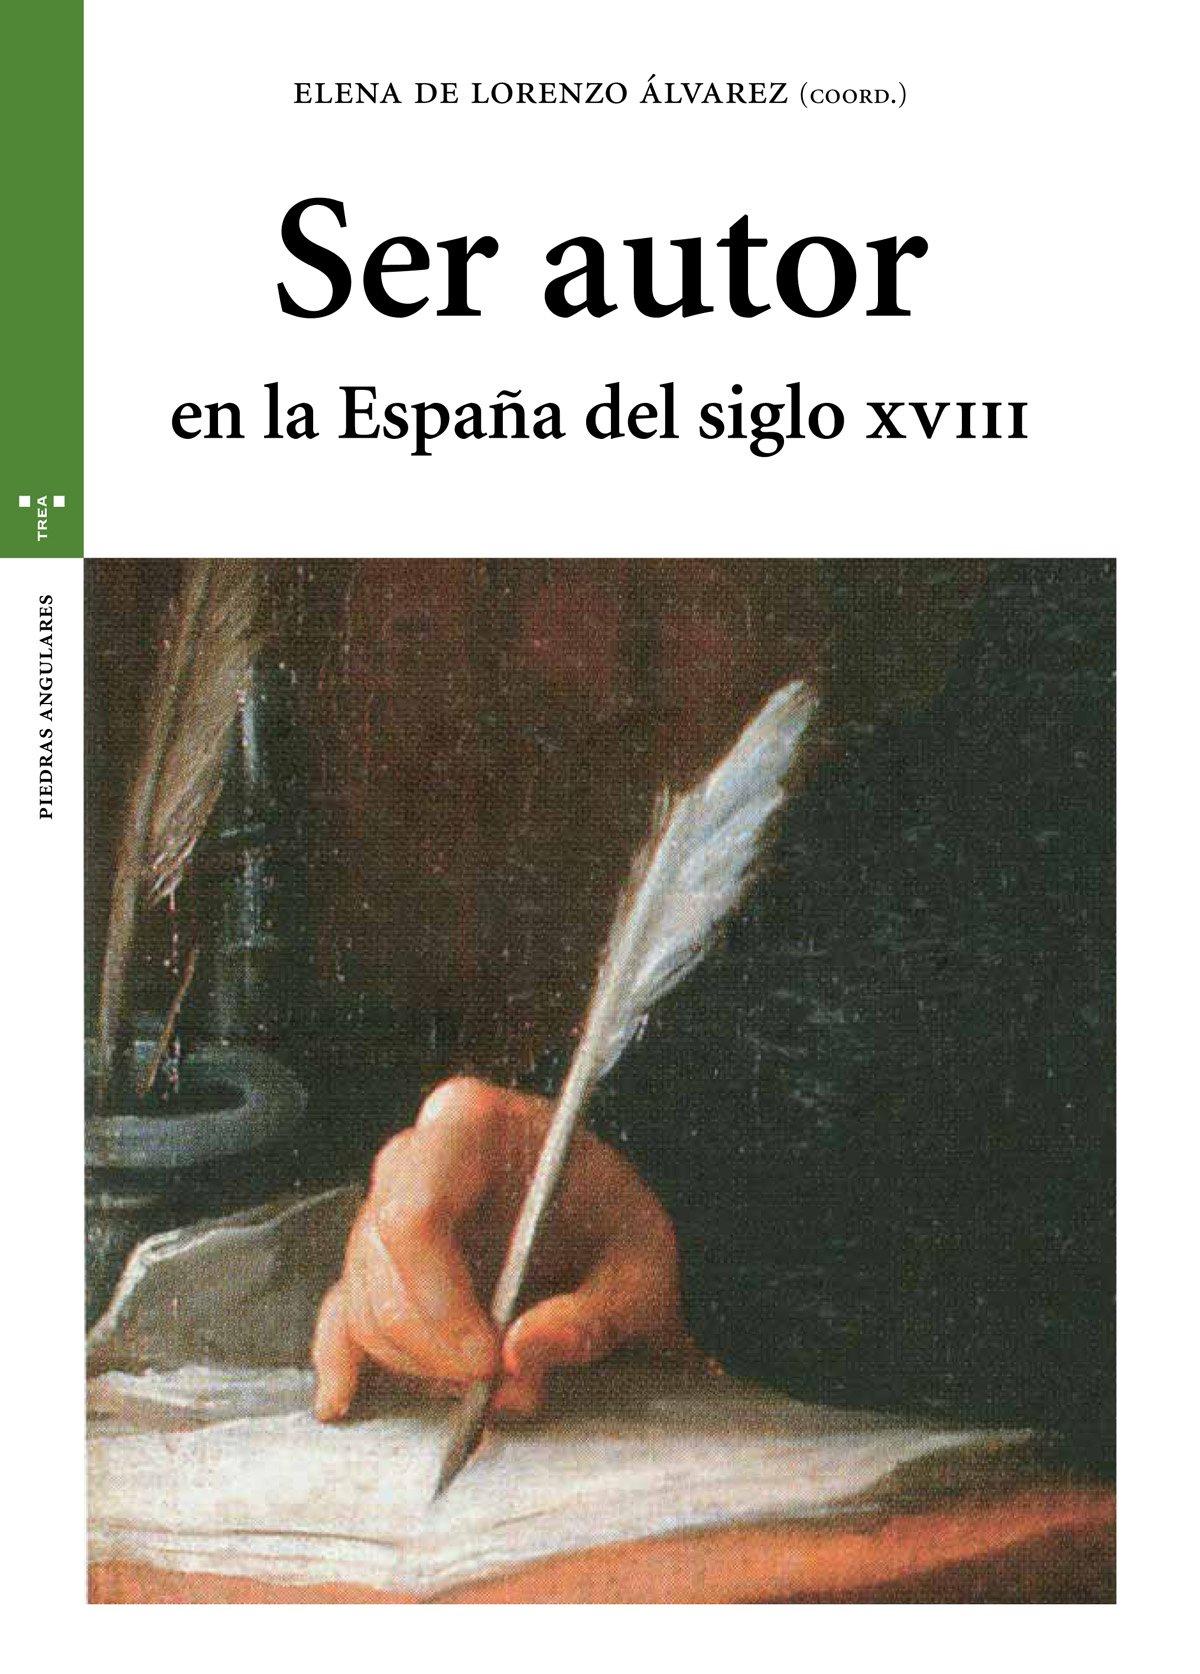 Ser autor en la España del siglo XVIII Estudios Históricos La Olmeda: Amazon.es: Lorenzo Álvarez, Elena de: Libros